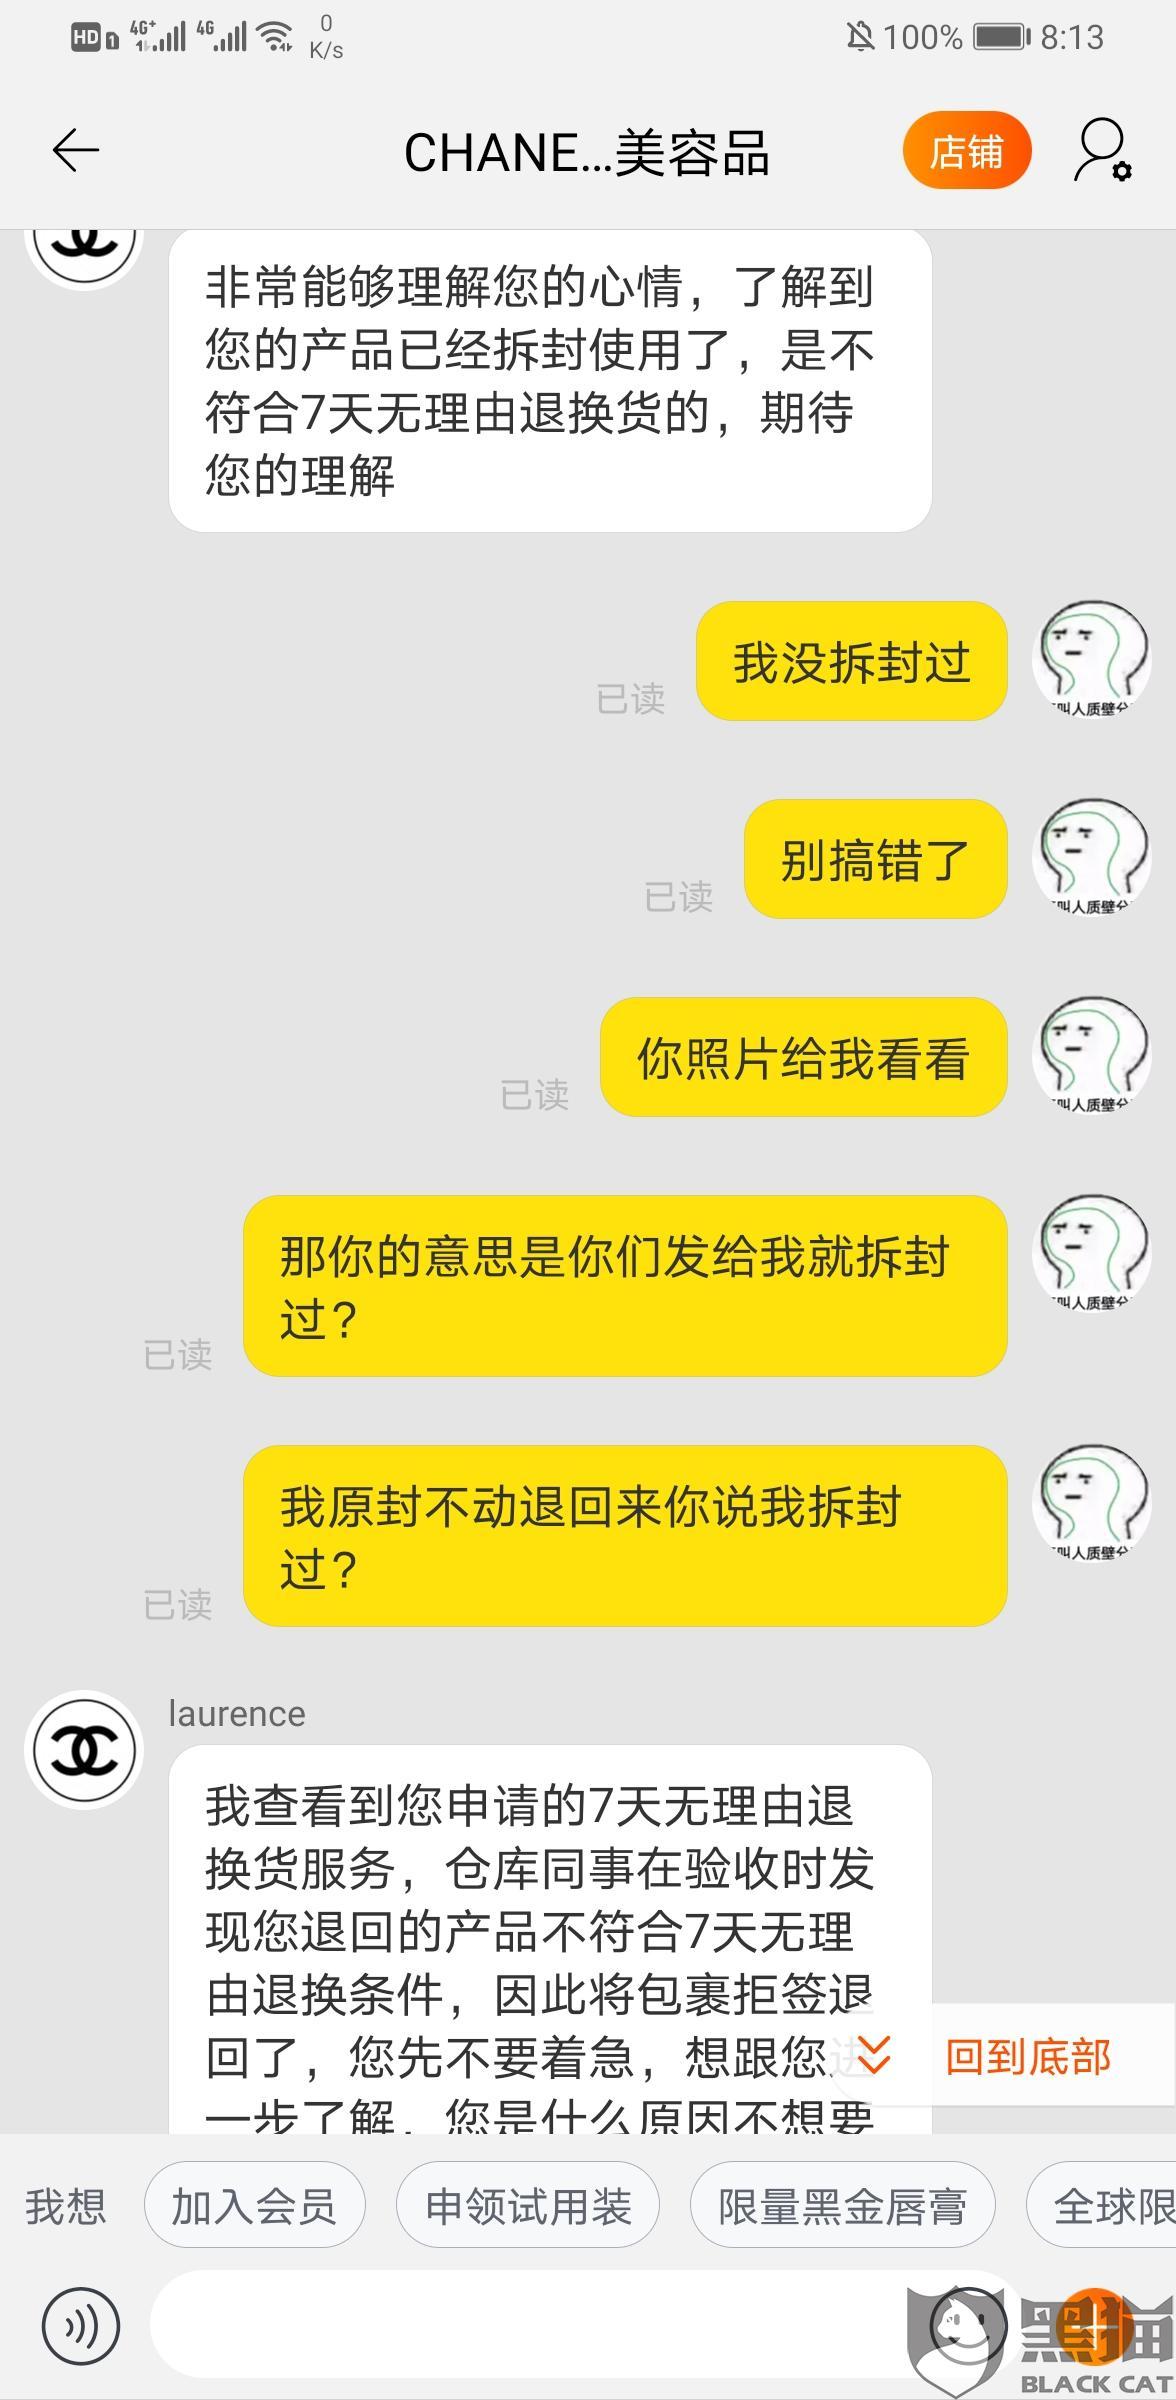 黑猫投诉:投诉淘宝CHANEL香奈儿官方旗舰店 香水与美容品欺诈消费者